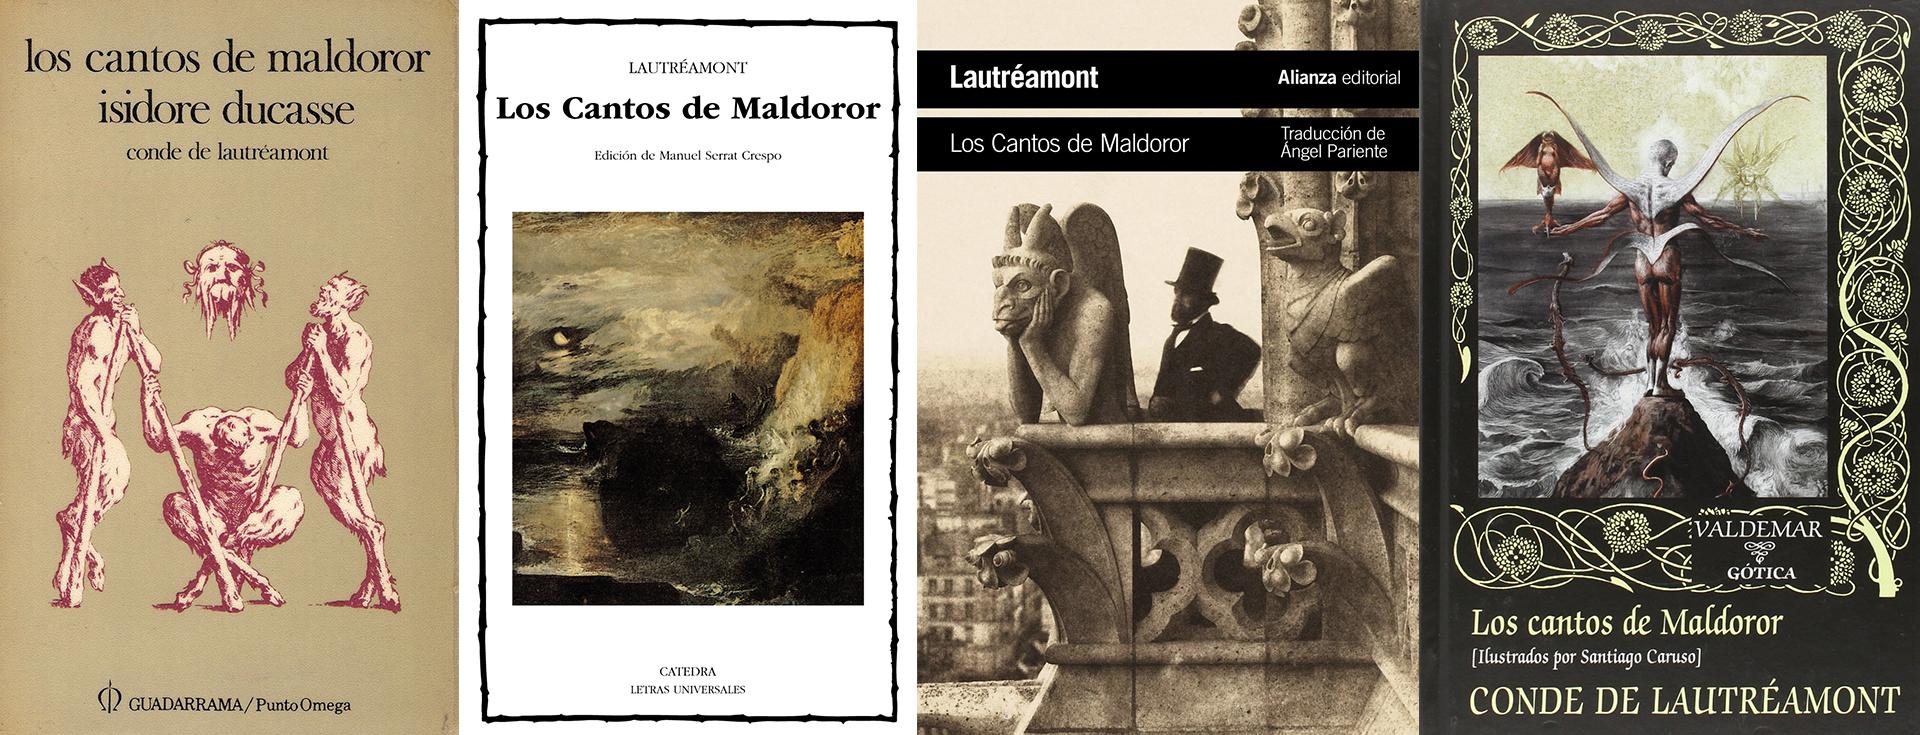 """""""Los cantos de Maldoror"""" en diferentes publicaciones en español"""